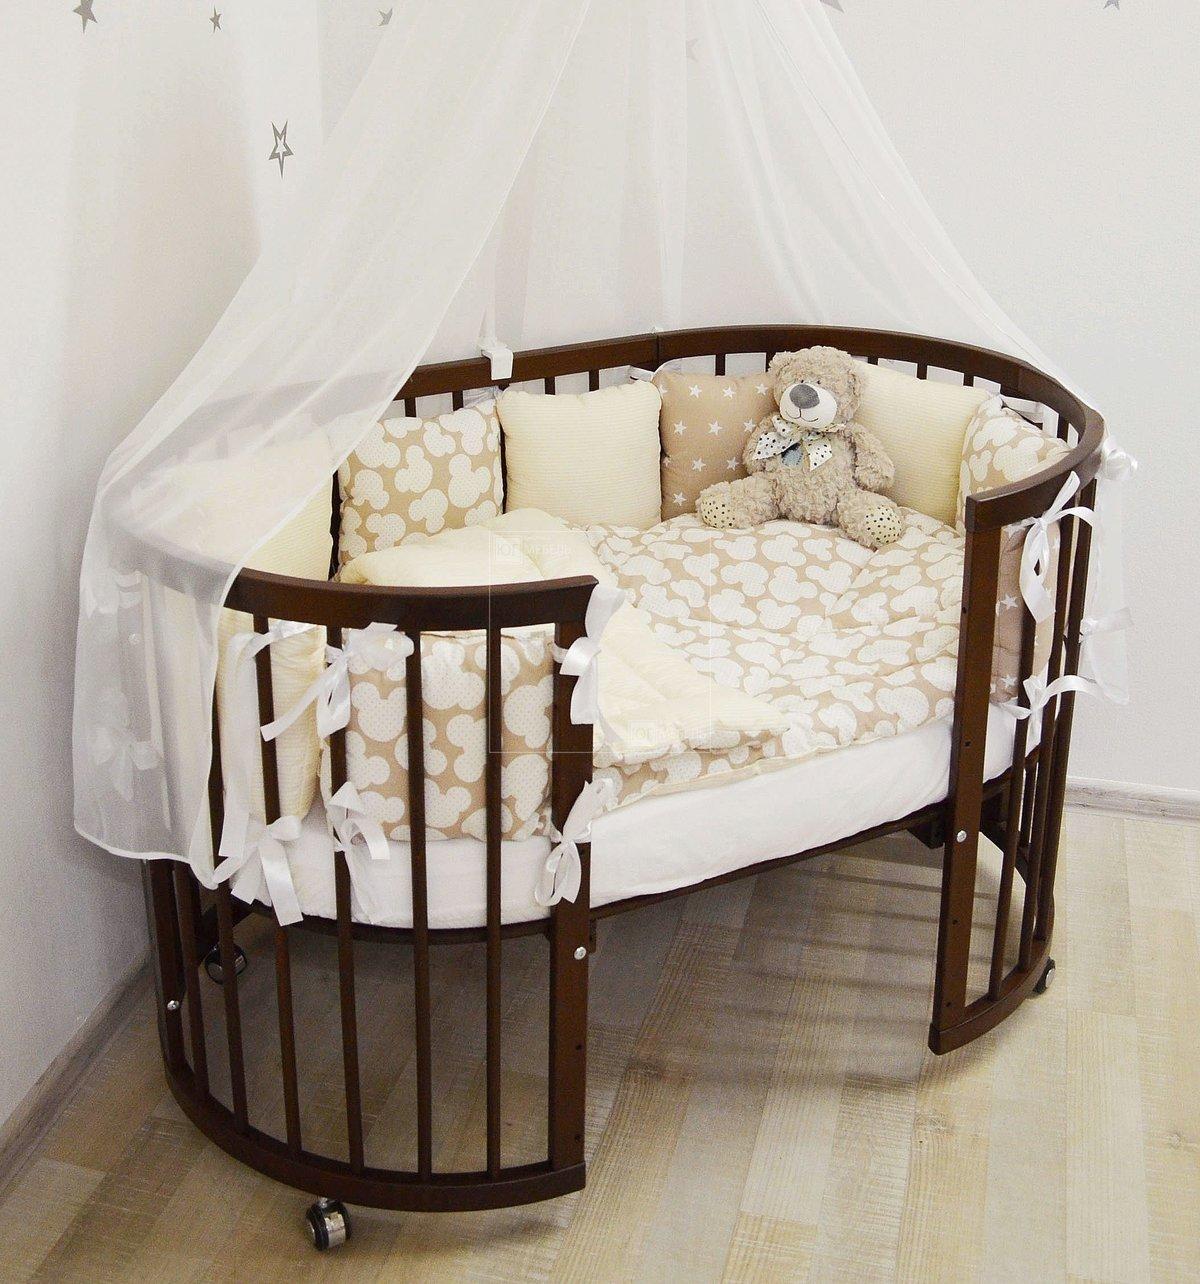 Узнав о скором пополнении будущая мама начинает придумывать имя малышу, потихоньку скупать одежду и выбирать мебель для новорожденного.